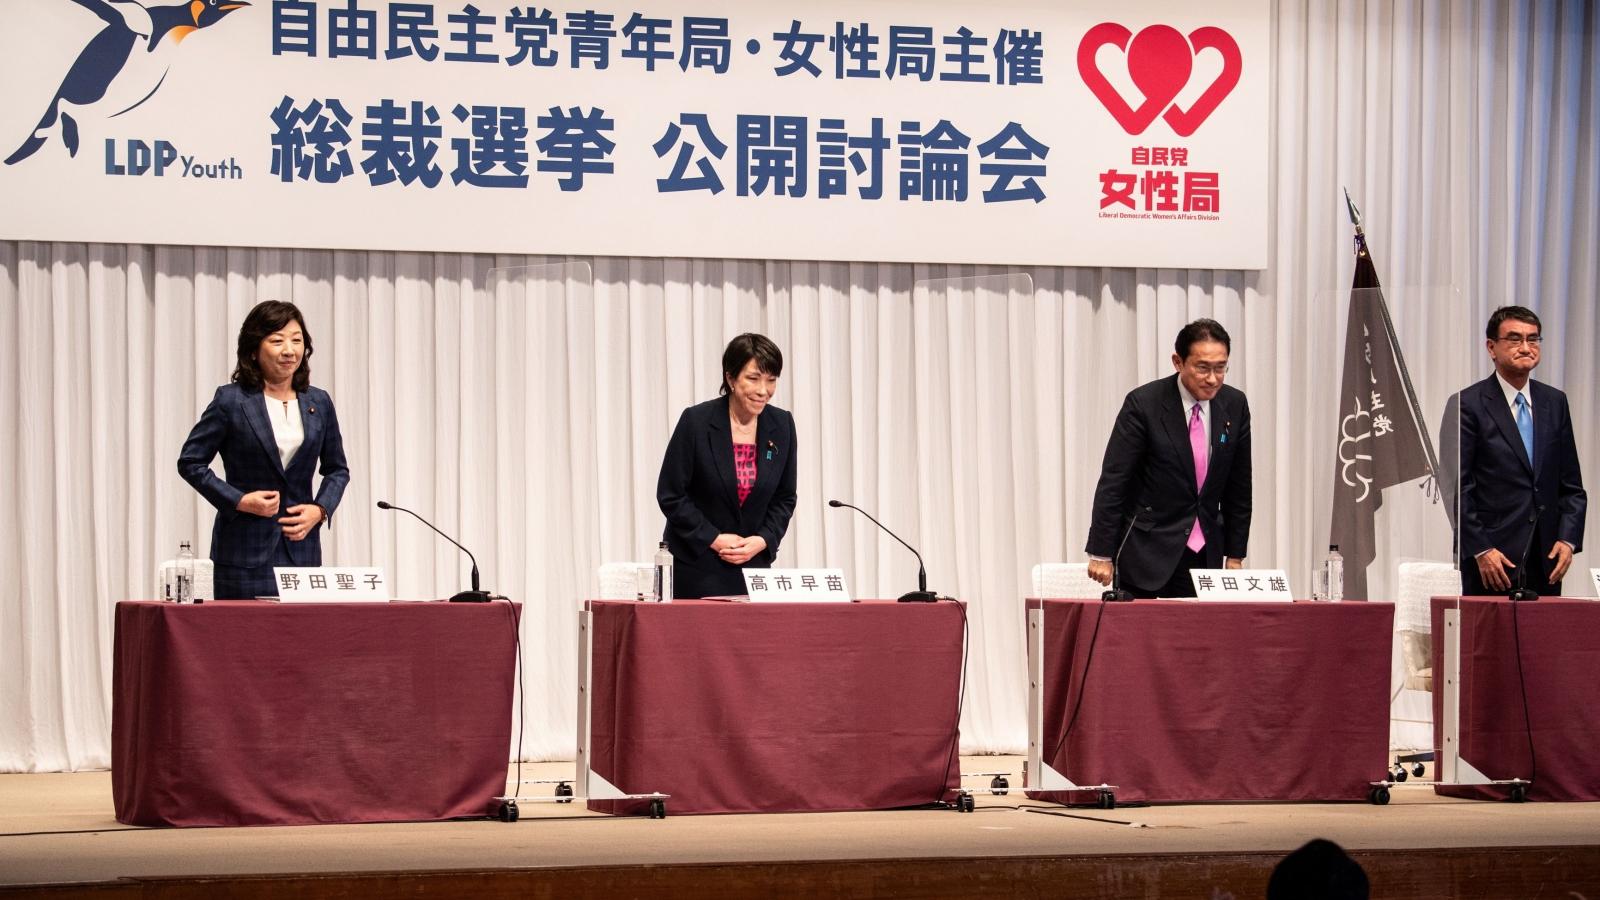 Các ứng cử viên Chủ tịch Đảng LDP cam kết tăng gấp đôi ngân sách cho trẻ em